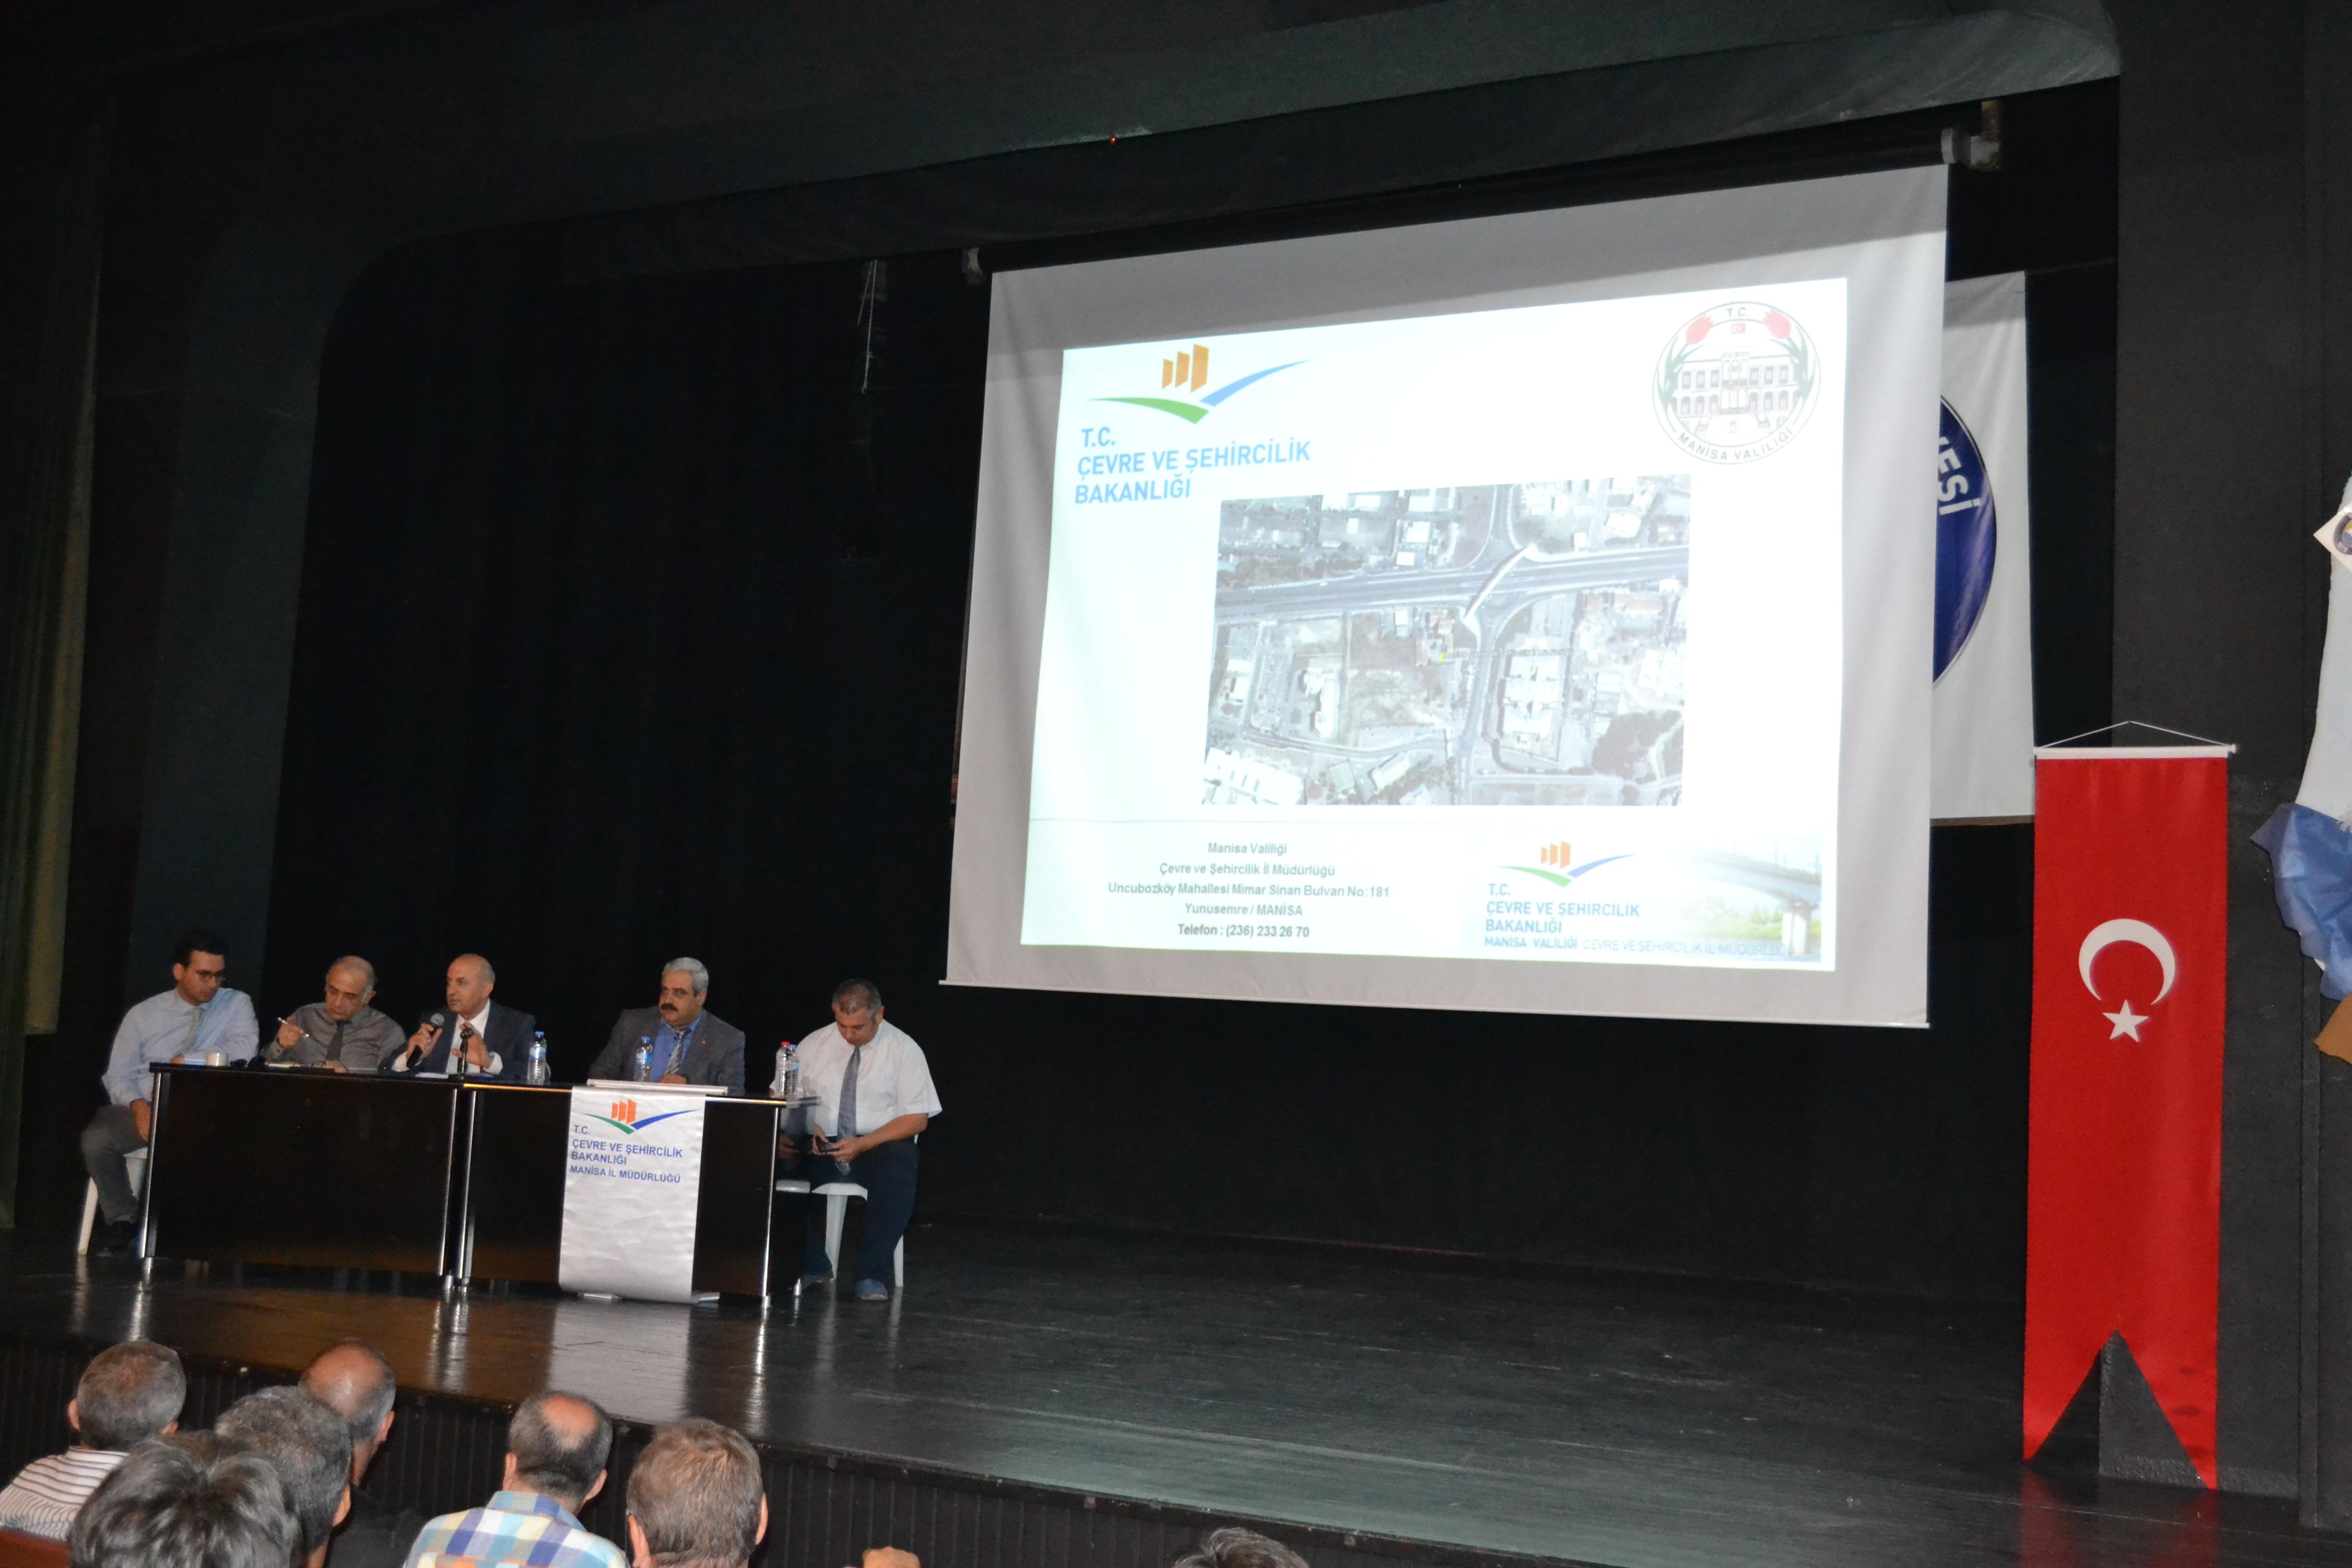 İmar Barışı: Salihli İlçesinde Bilgilendirme Toplantısı Düzenlendi